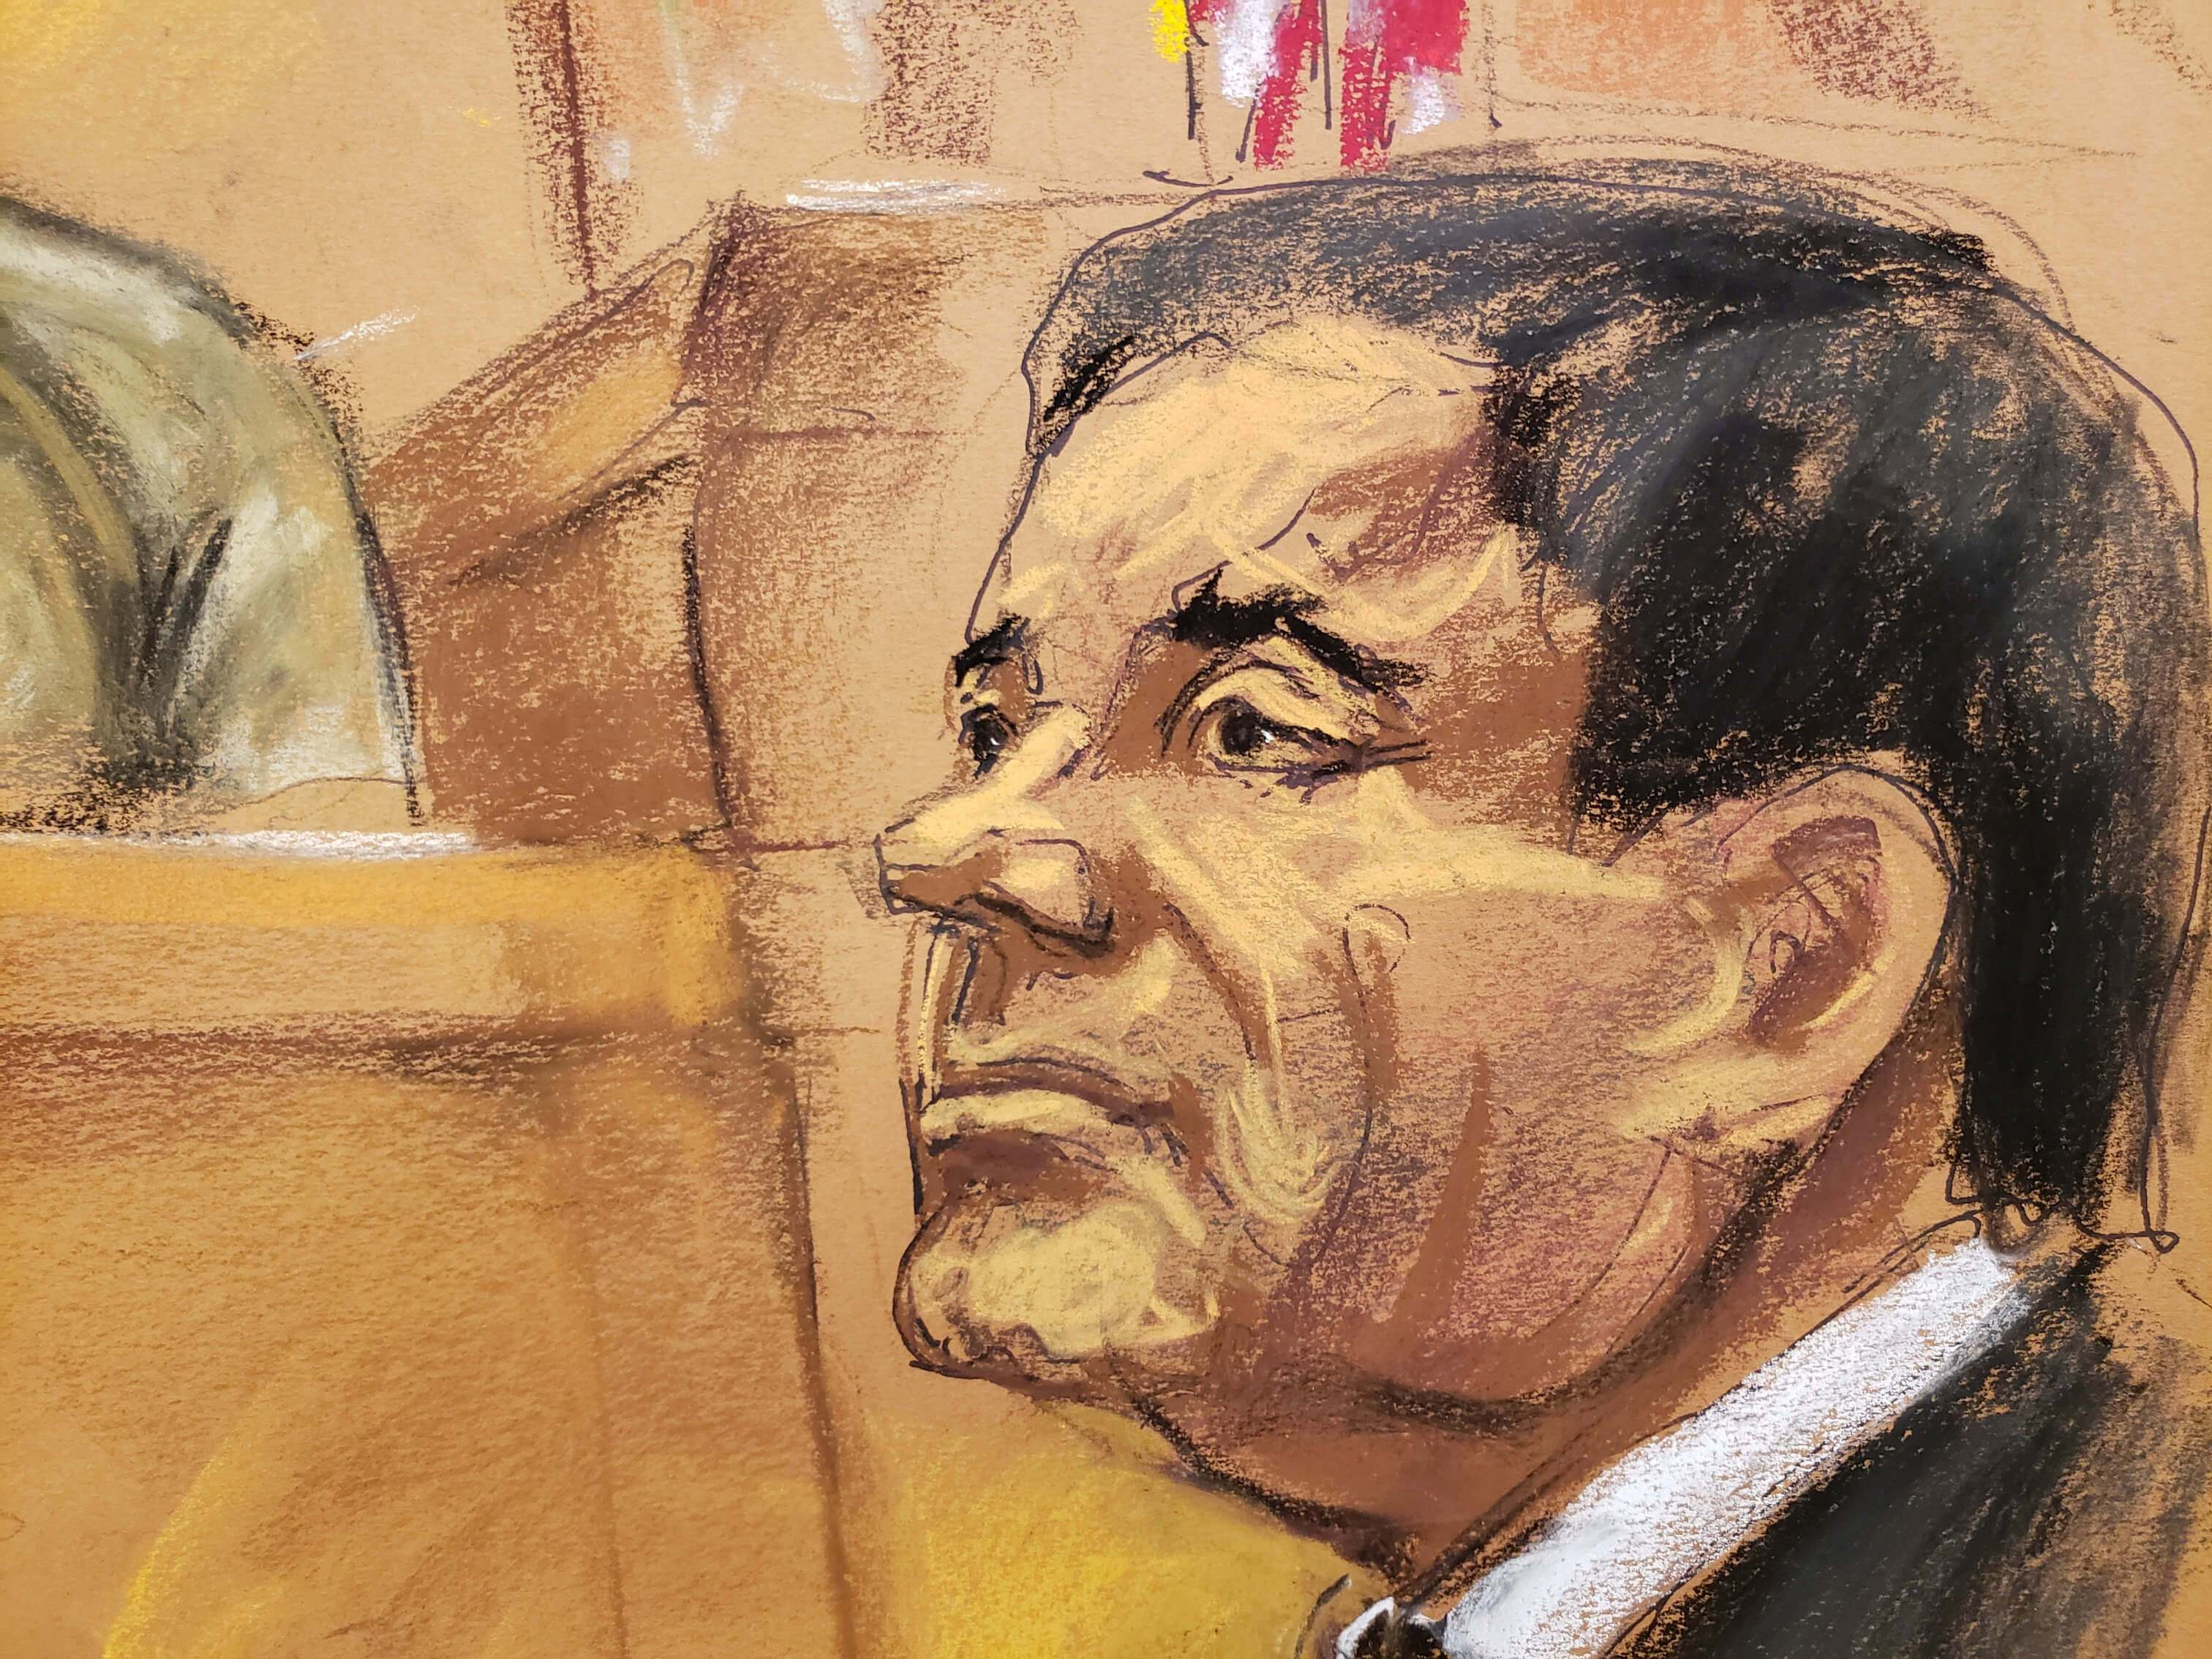 Continúa juicio de El Chapo; tercer día de deliberaciones